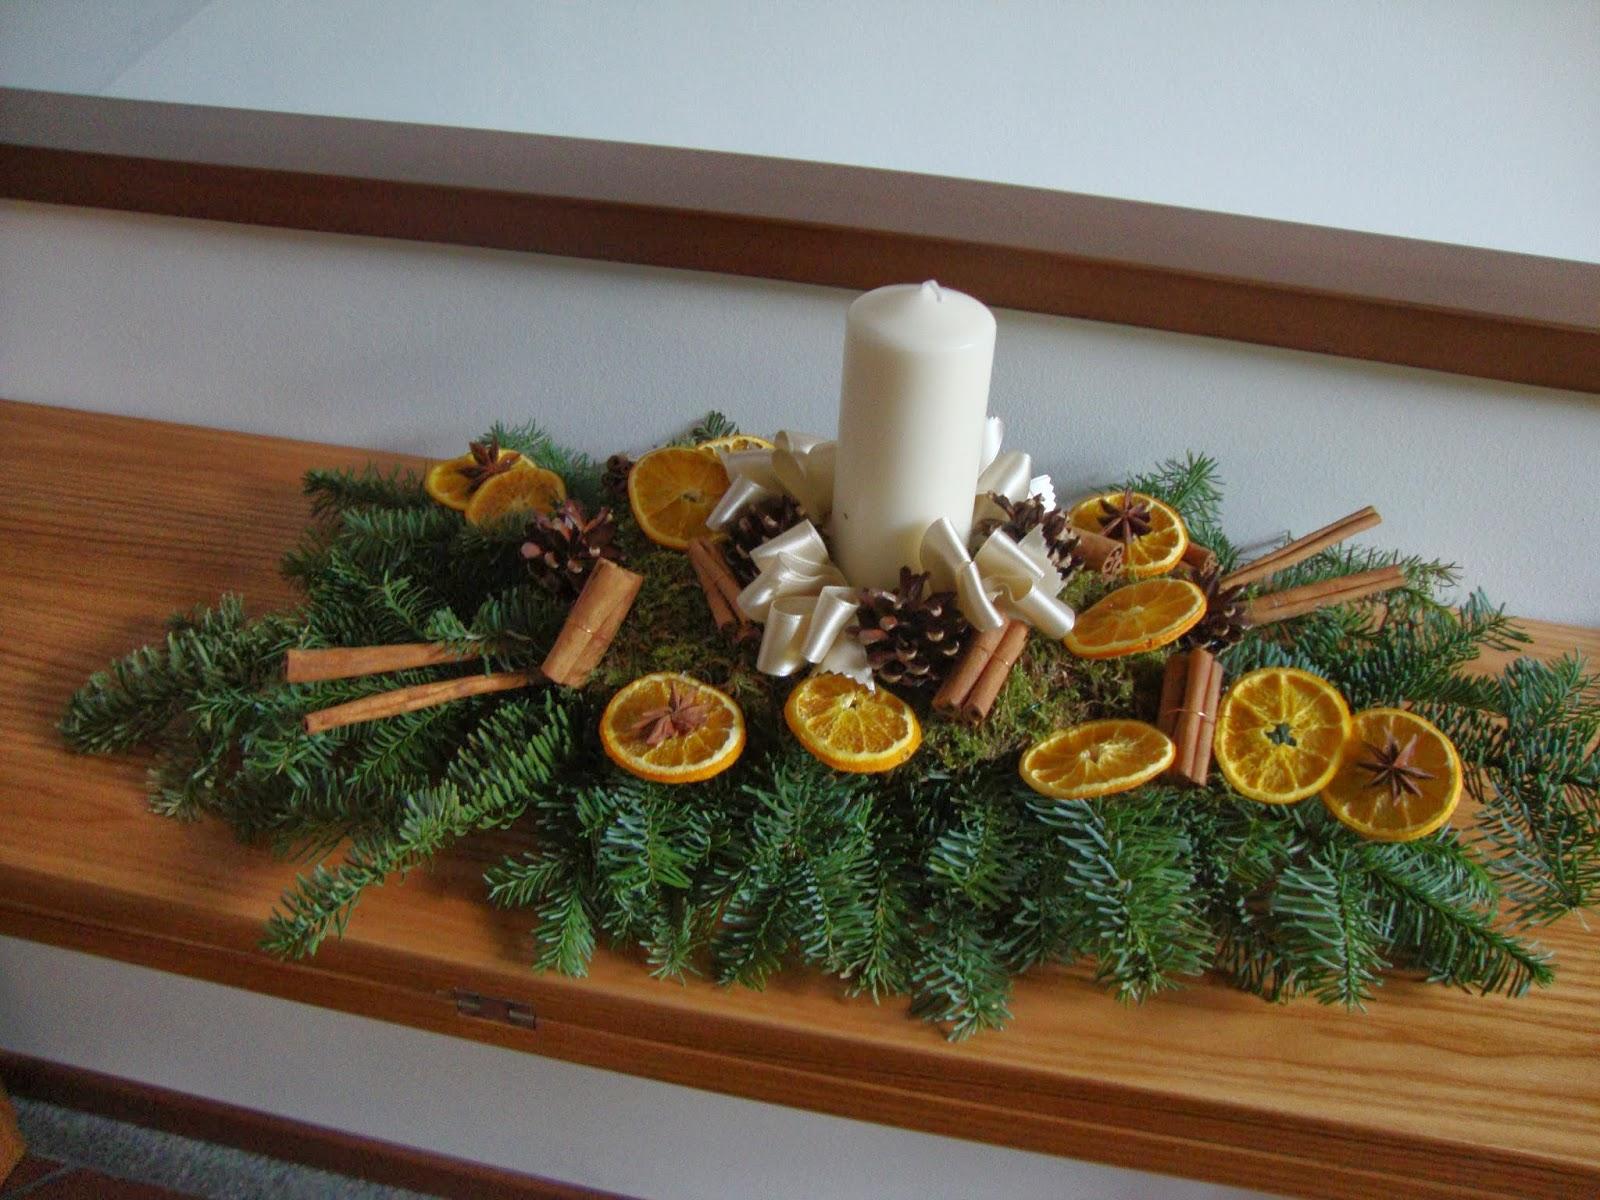 Un piccolo giardino in città: Una decorazione invernale fatta da me!